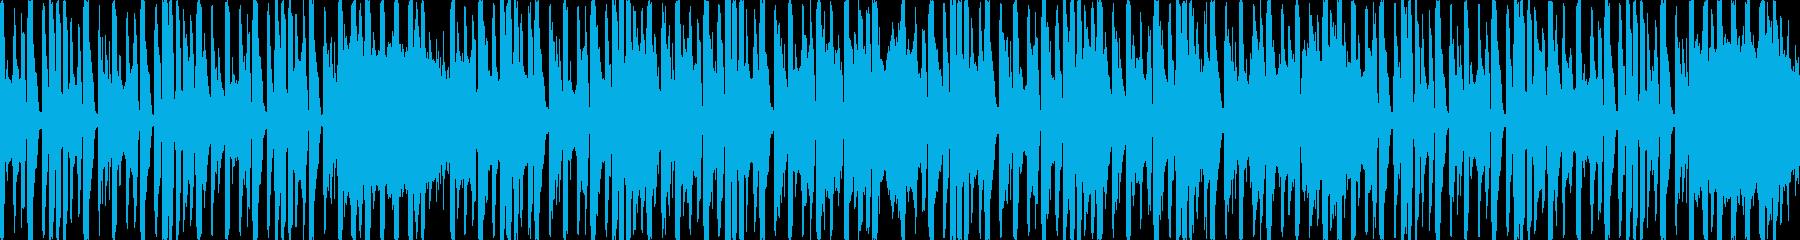 コミカルでかわいいエレクトロダンスループの再生済みの波形